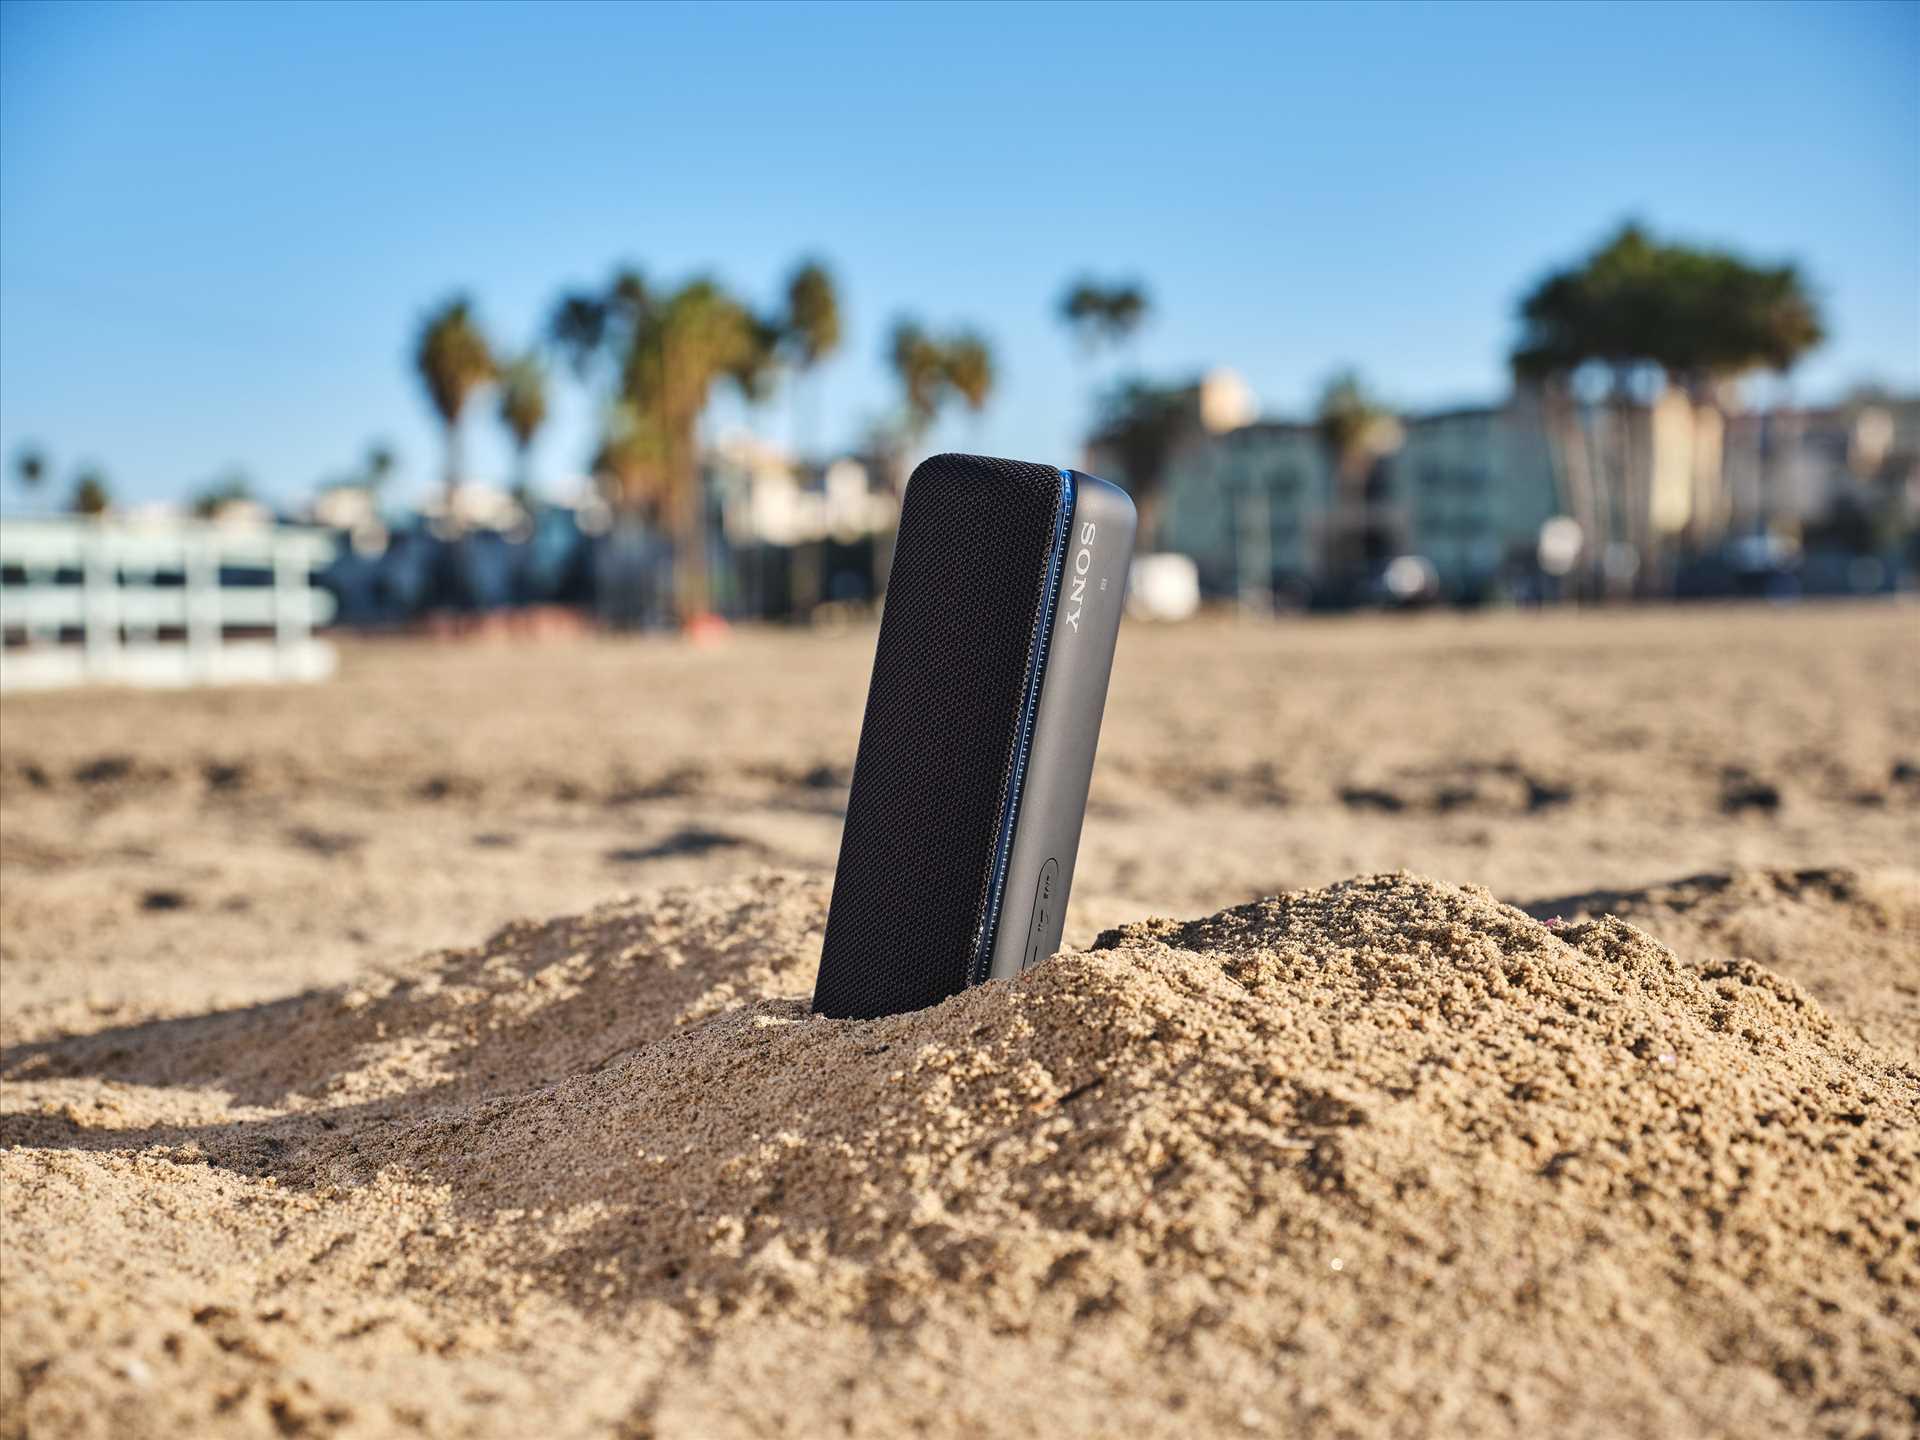 רמקול נייד אפור Sony SRS-XB32H סוני - תמונה 9